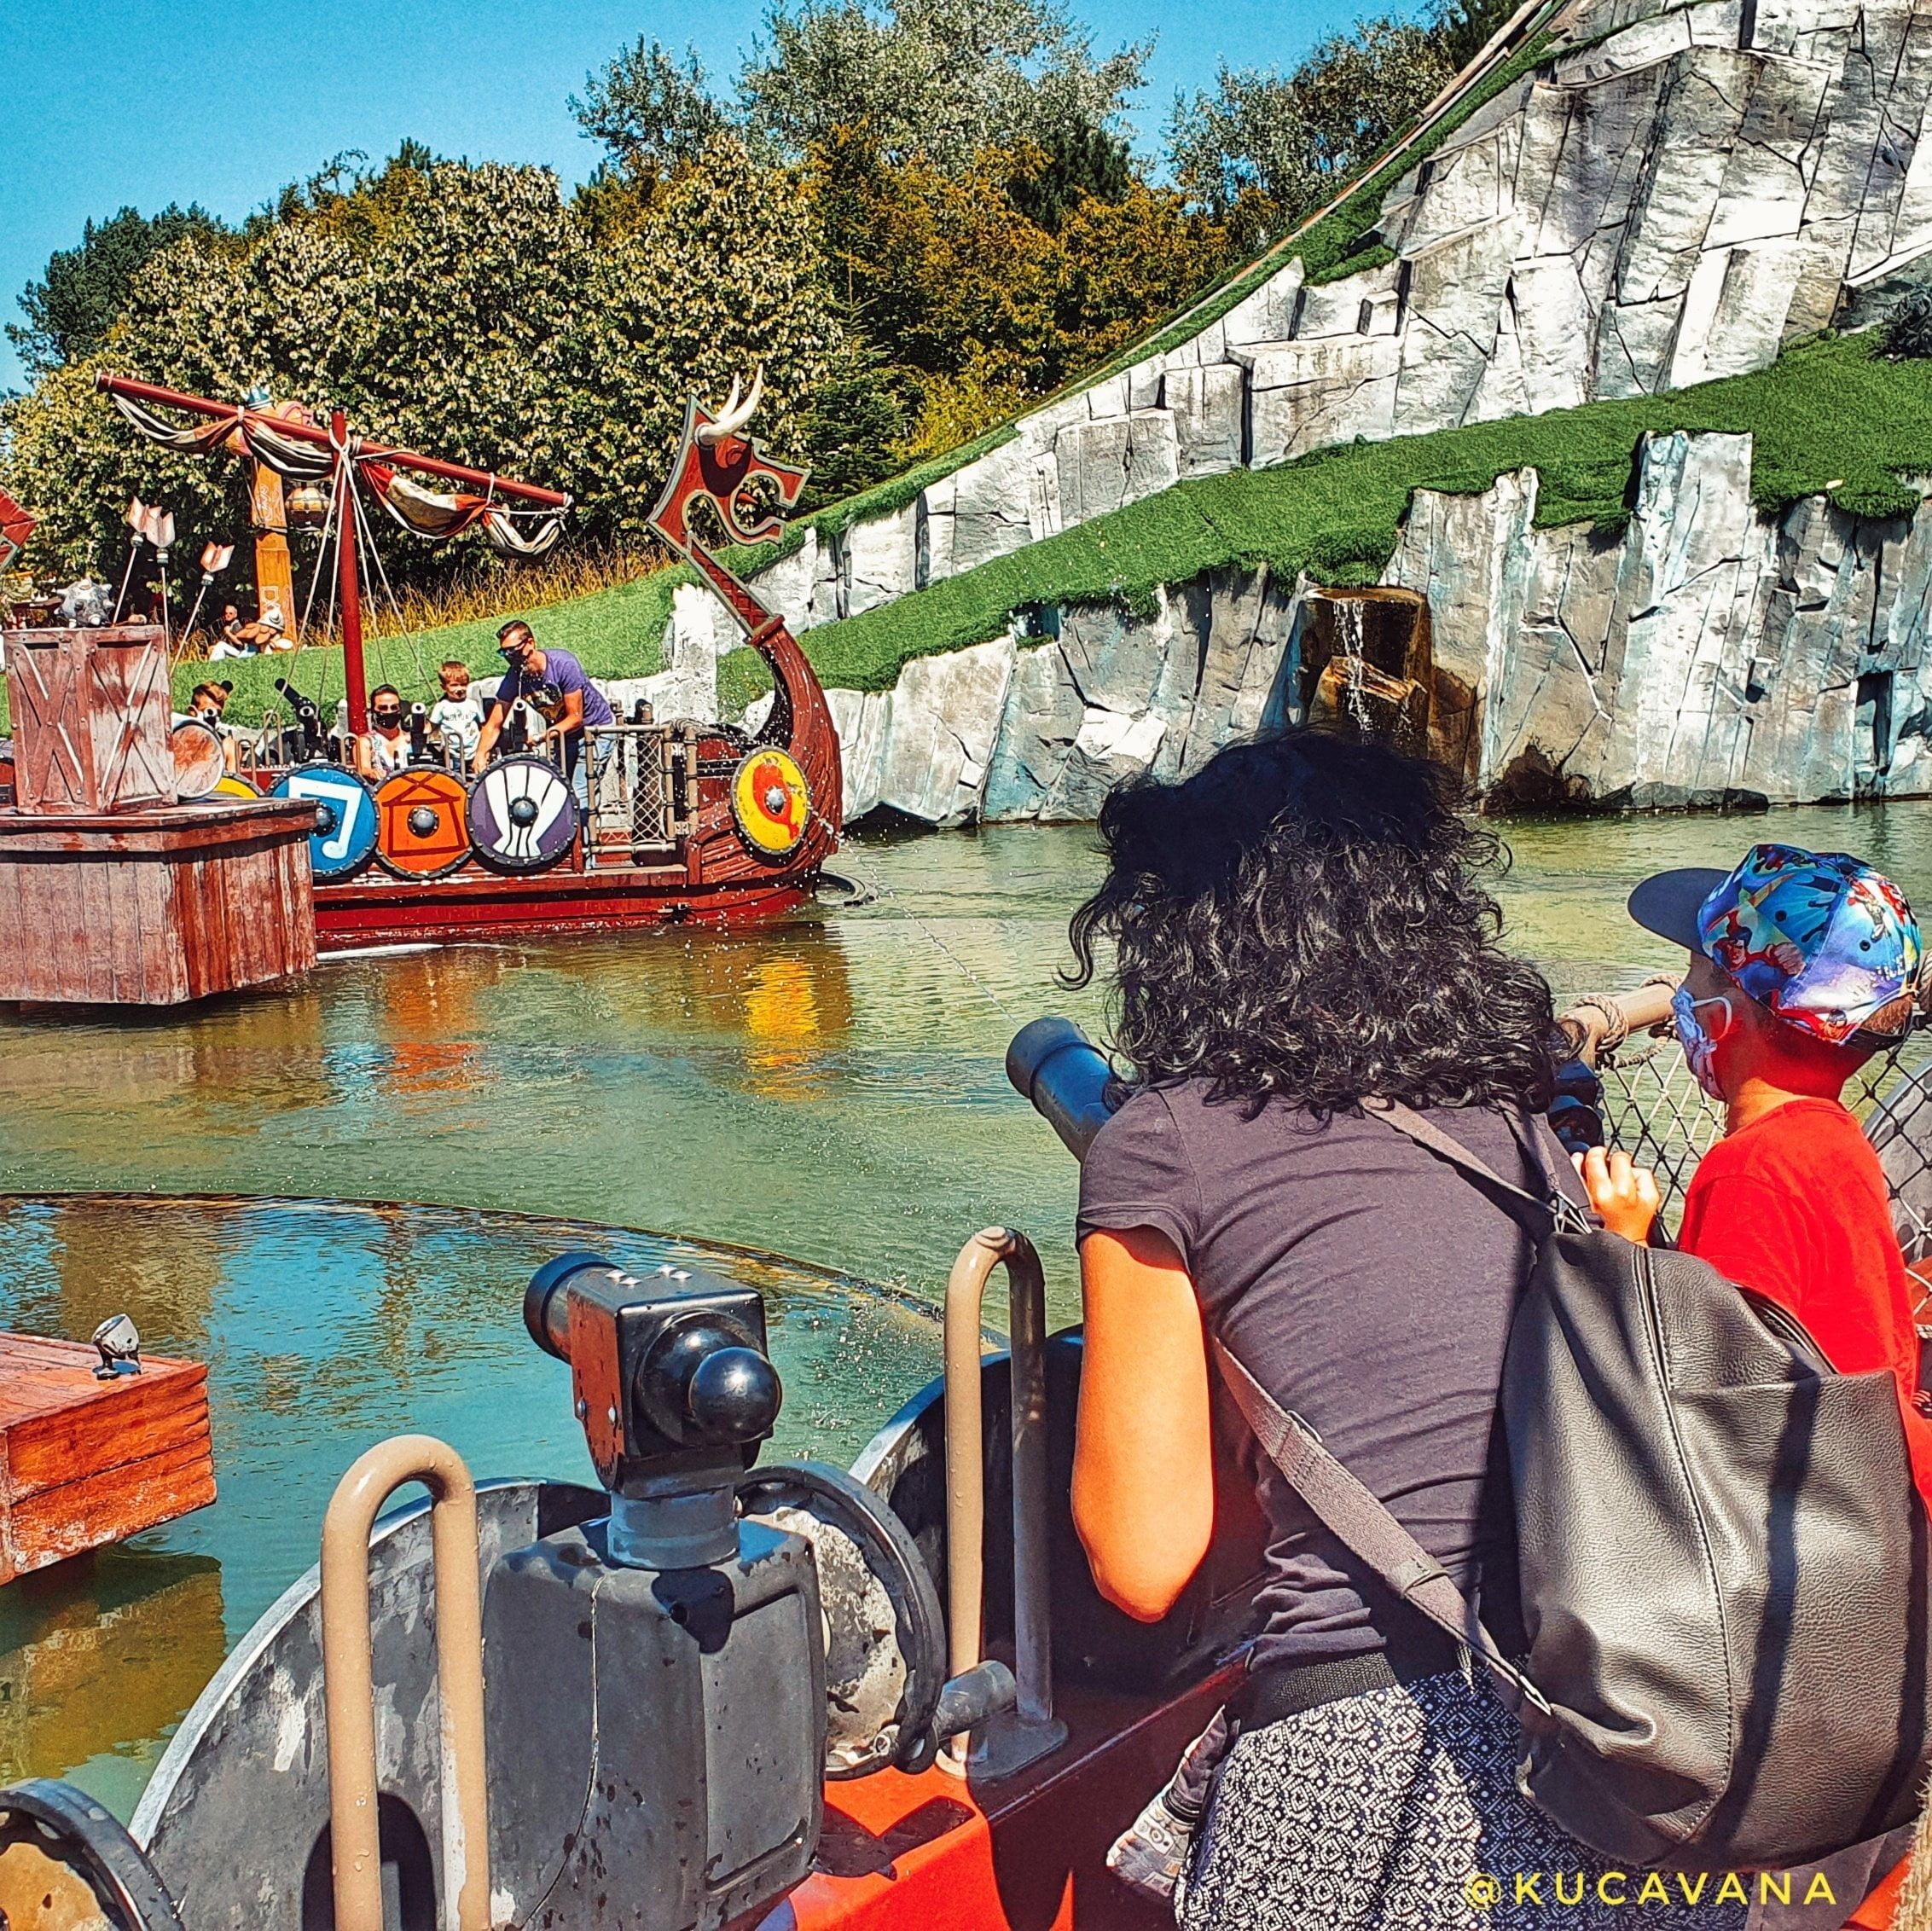 Plopsaland de Panne meilleur parc d'attractions d'Europe